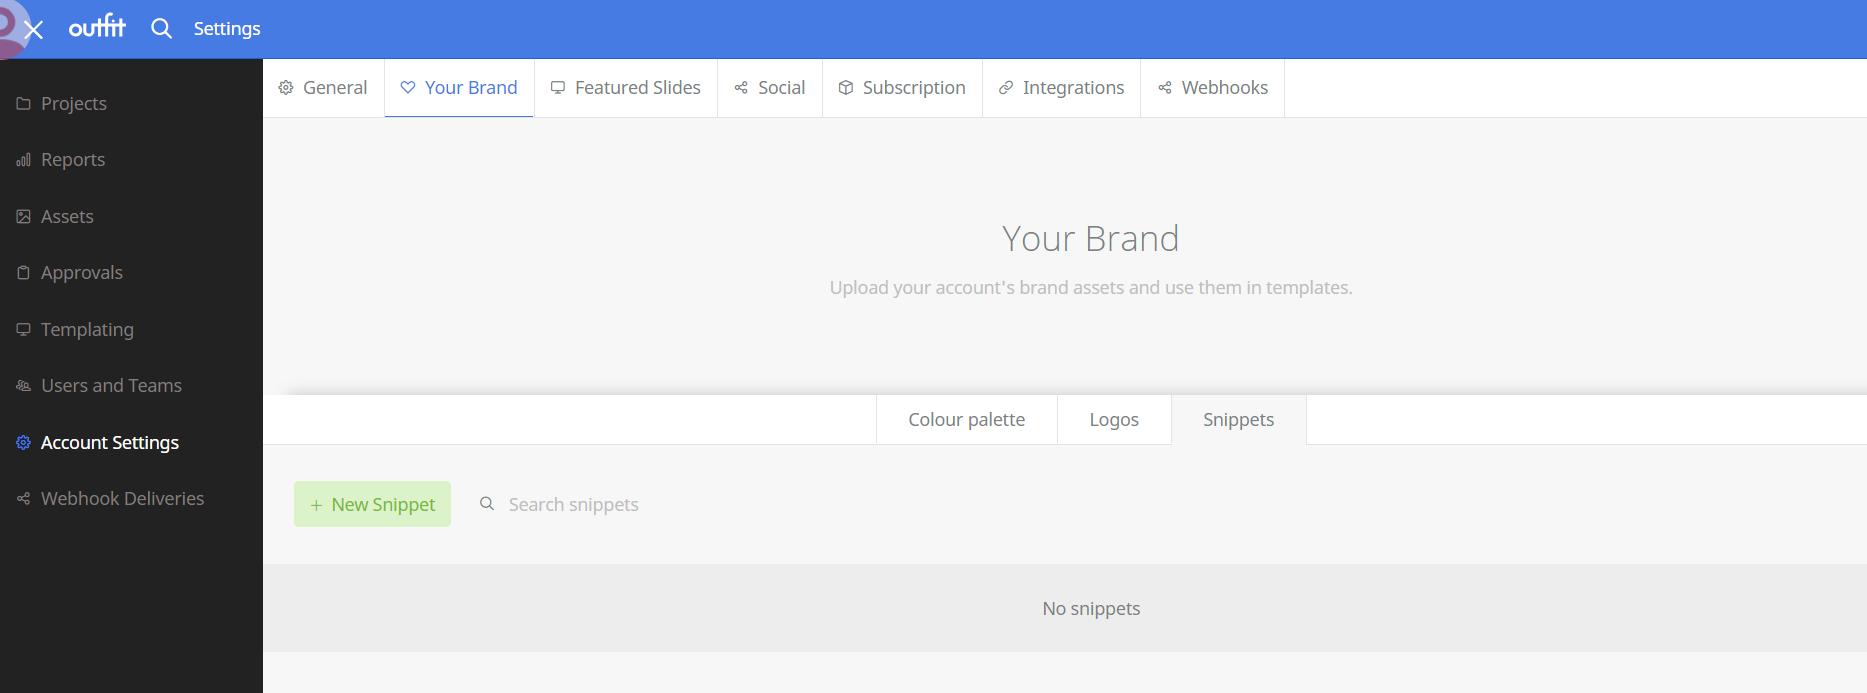 User Interface Screenshot